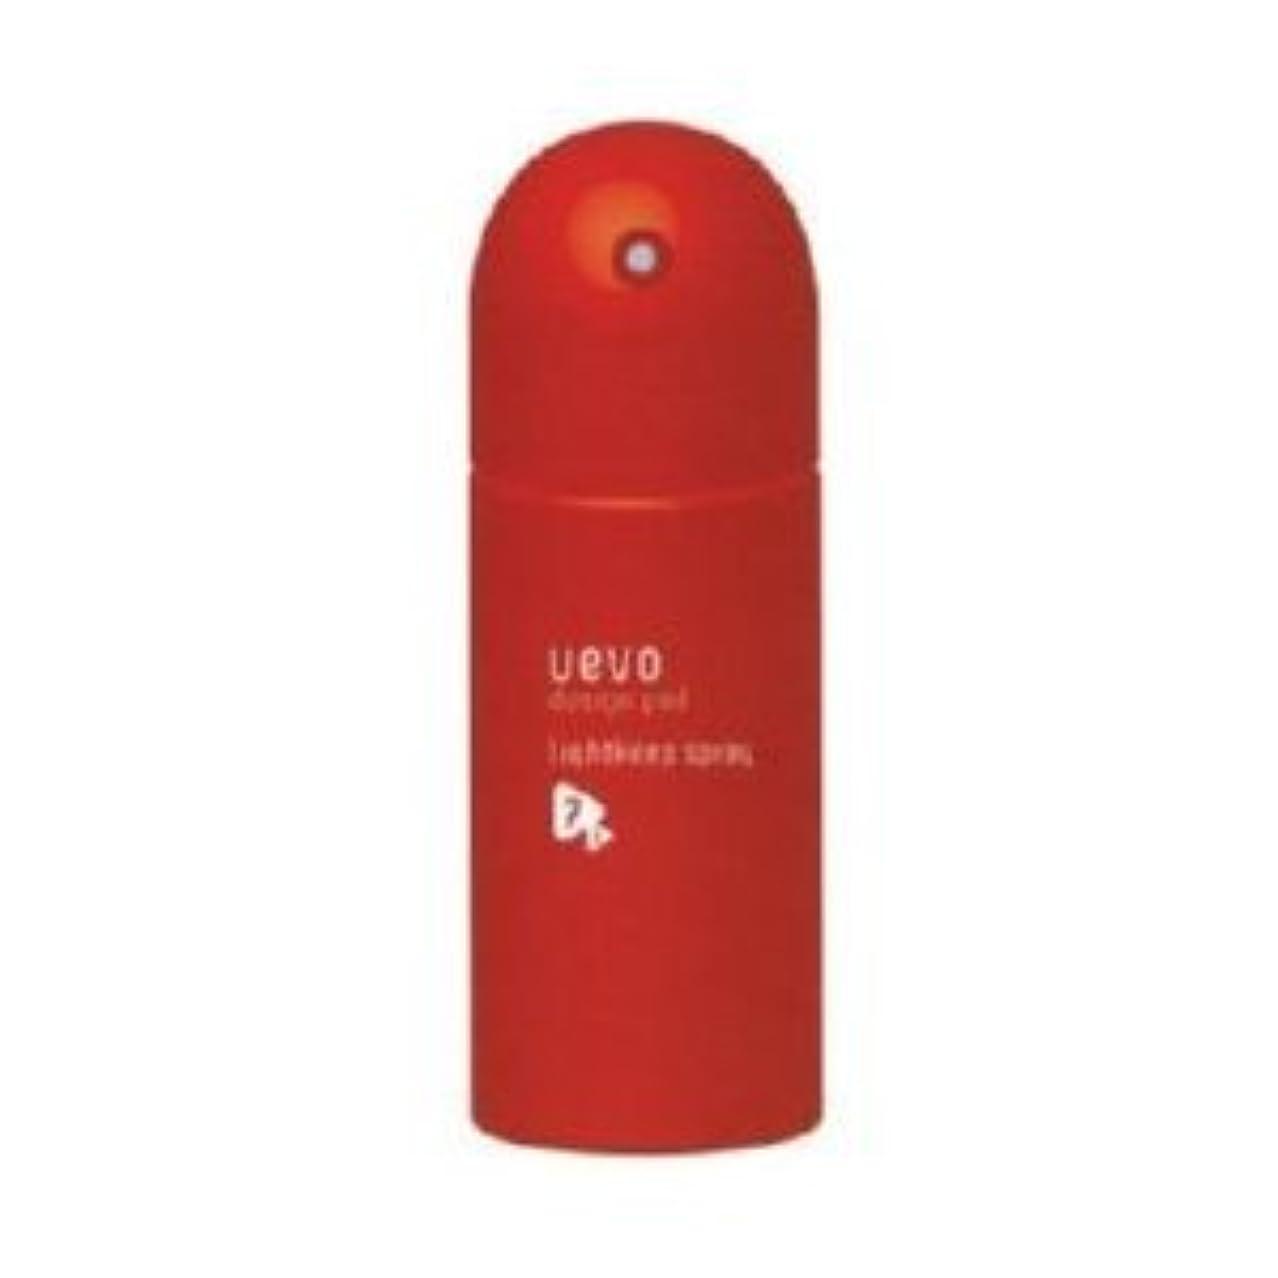 マンモス独裁シャワー【X2個セット】 デミ ウェーボ デザインポッド ライトキープスプレー 220ml lightkeep spray DEMI uevo design pod